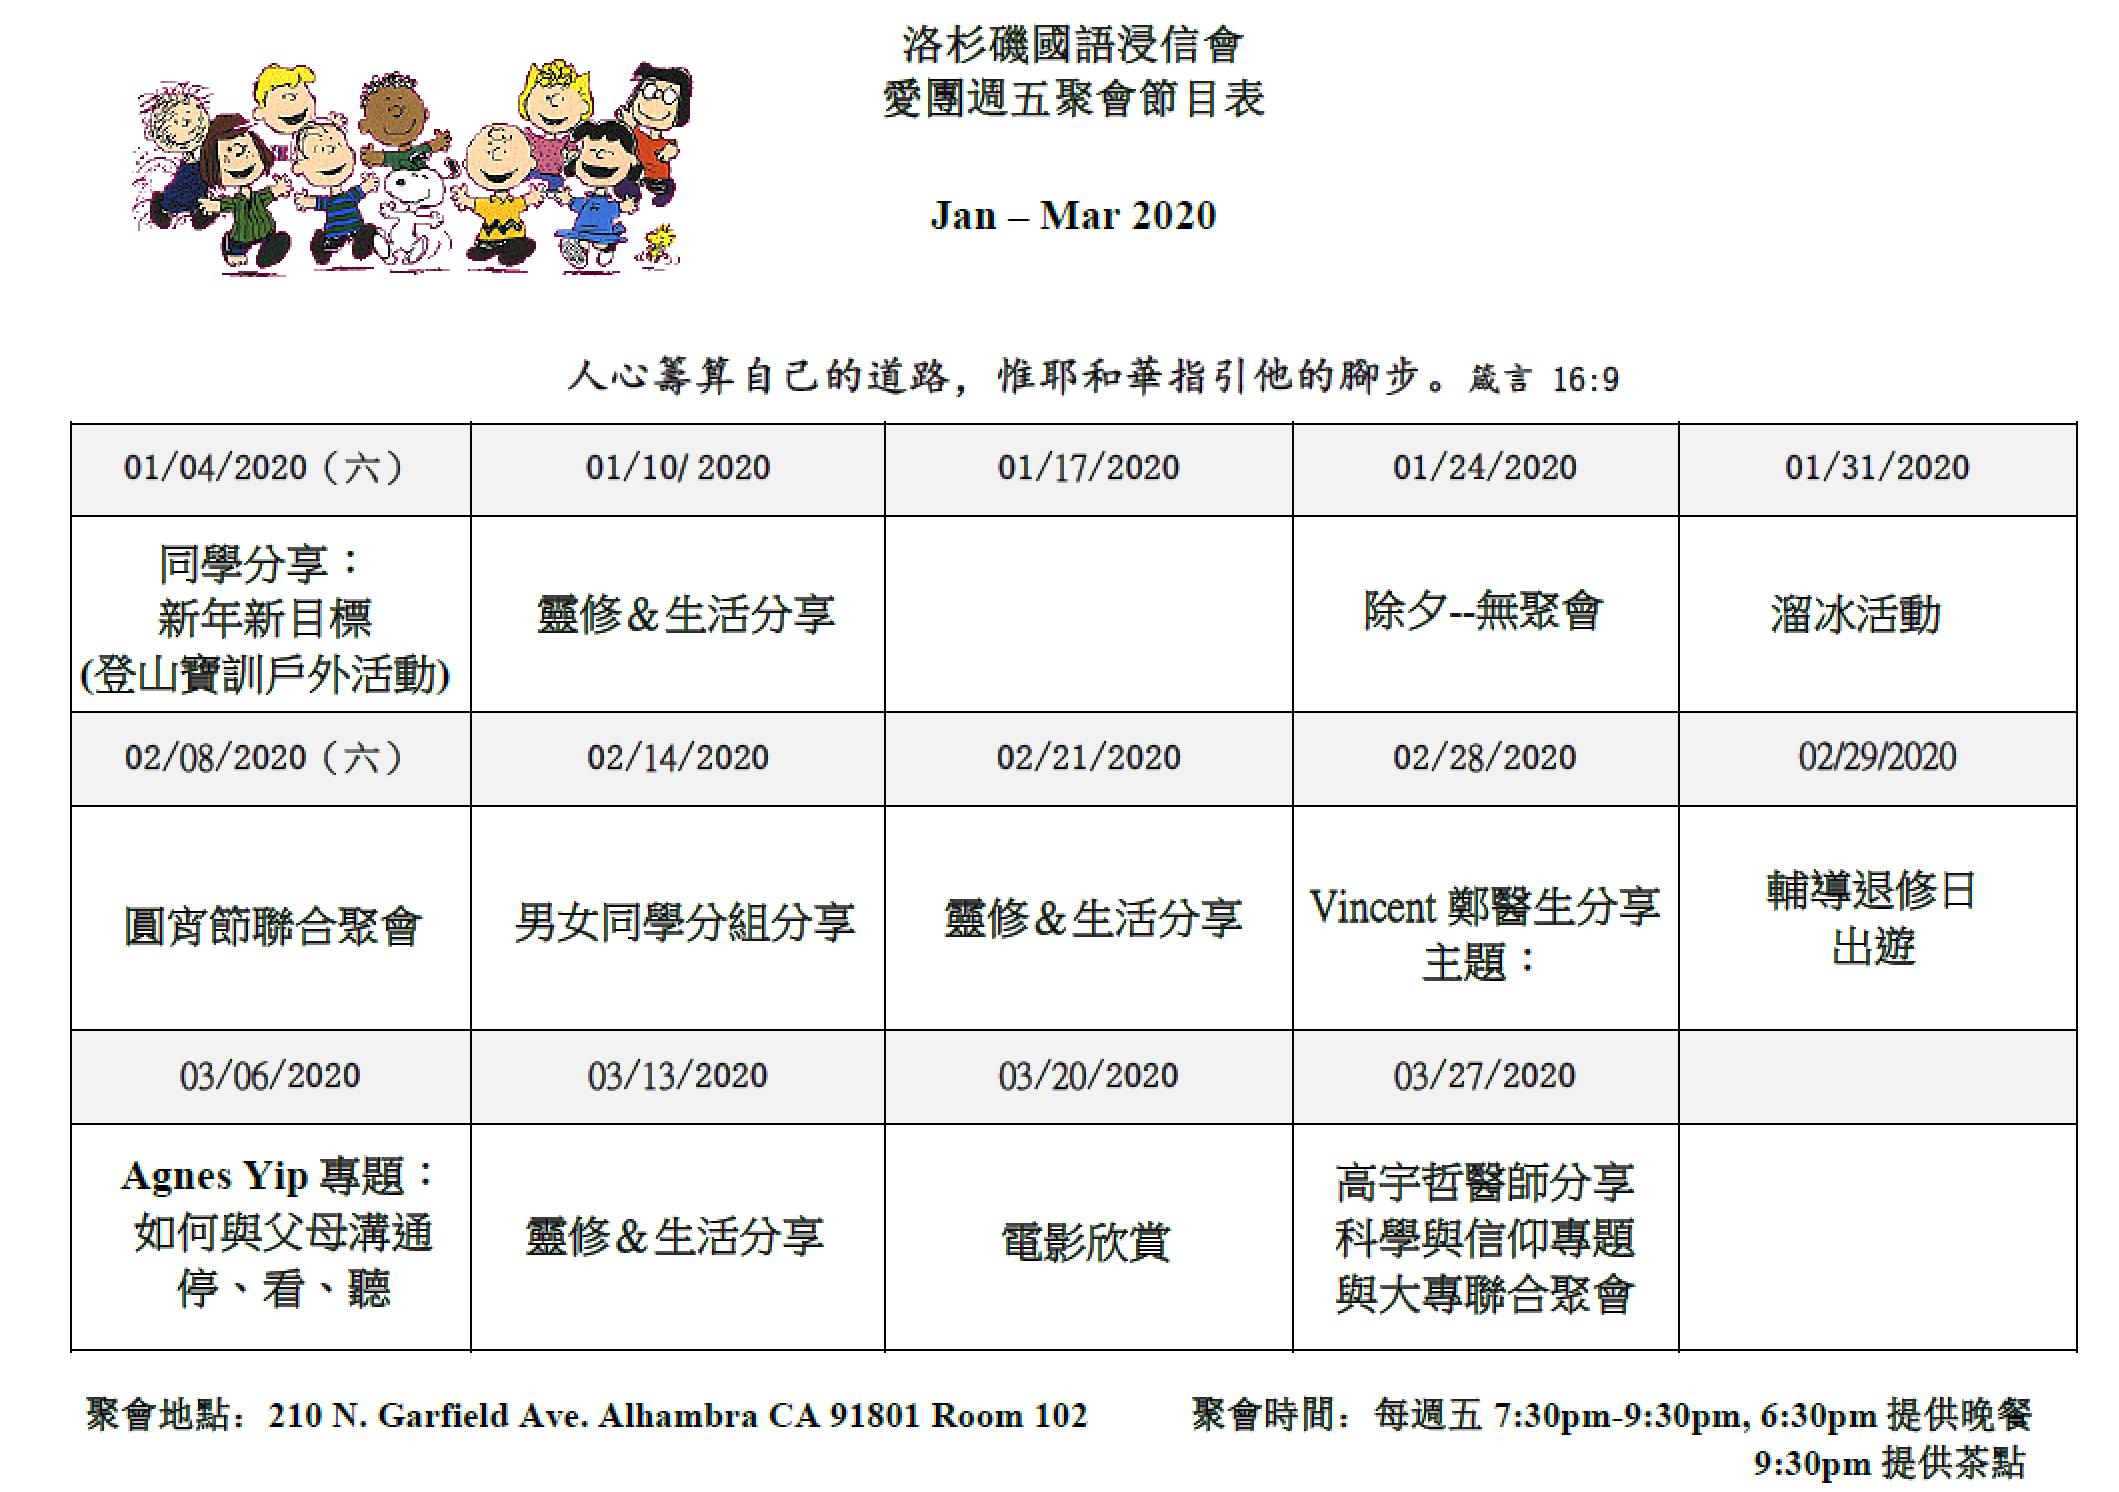 愛團節目表